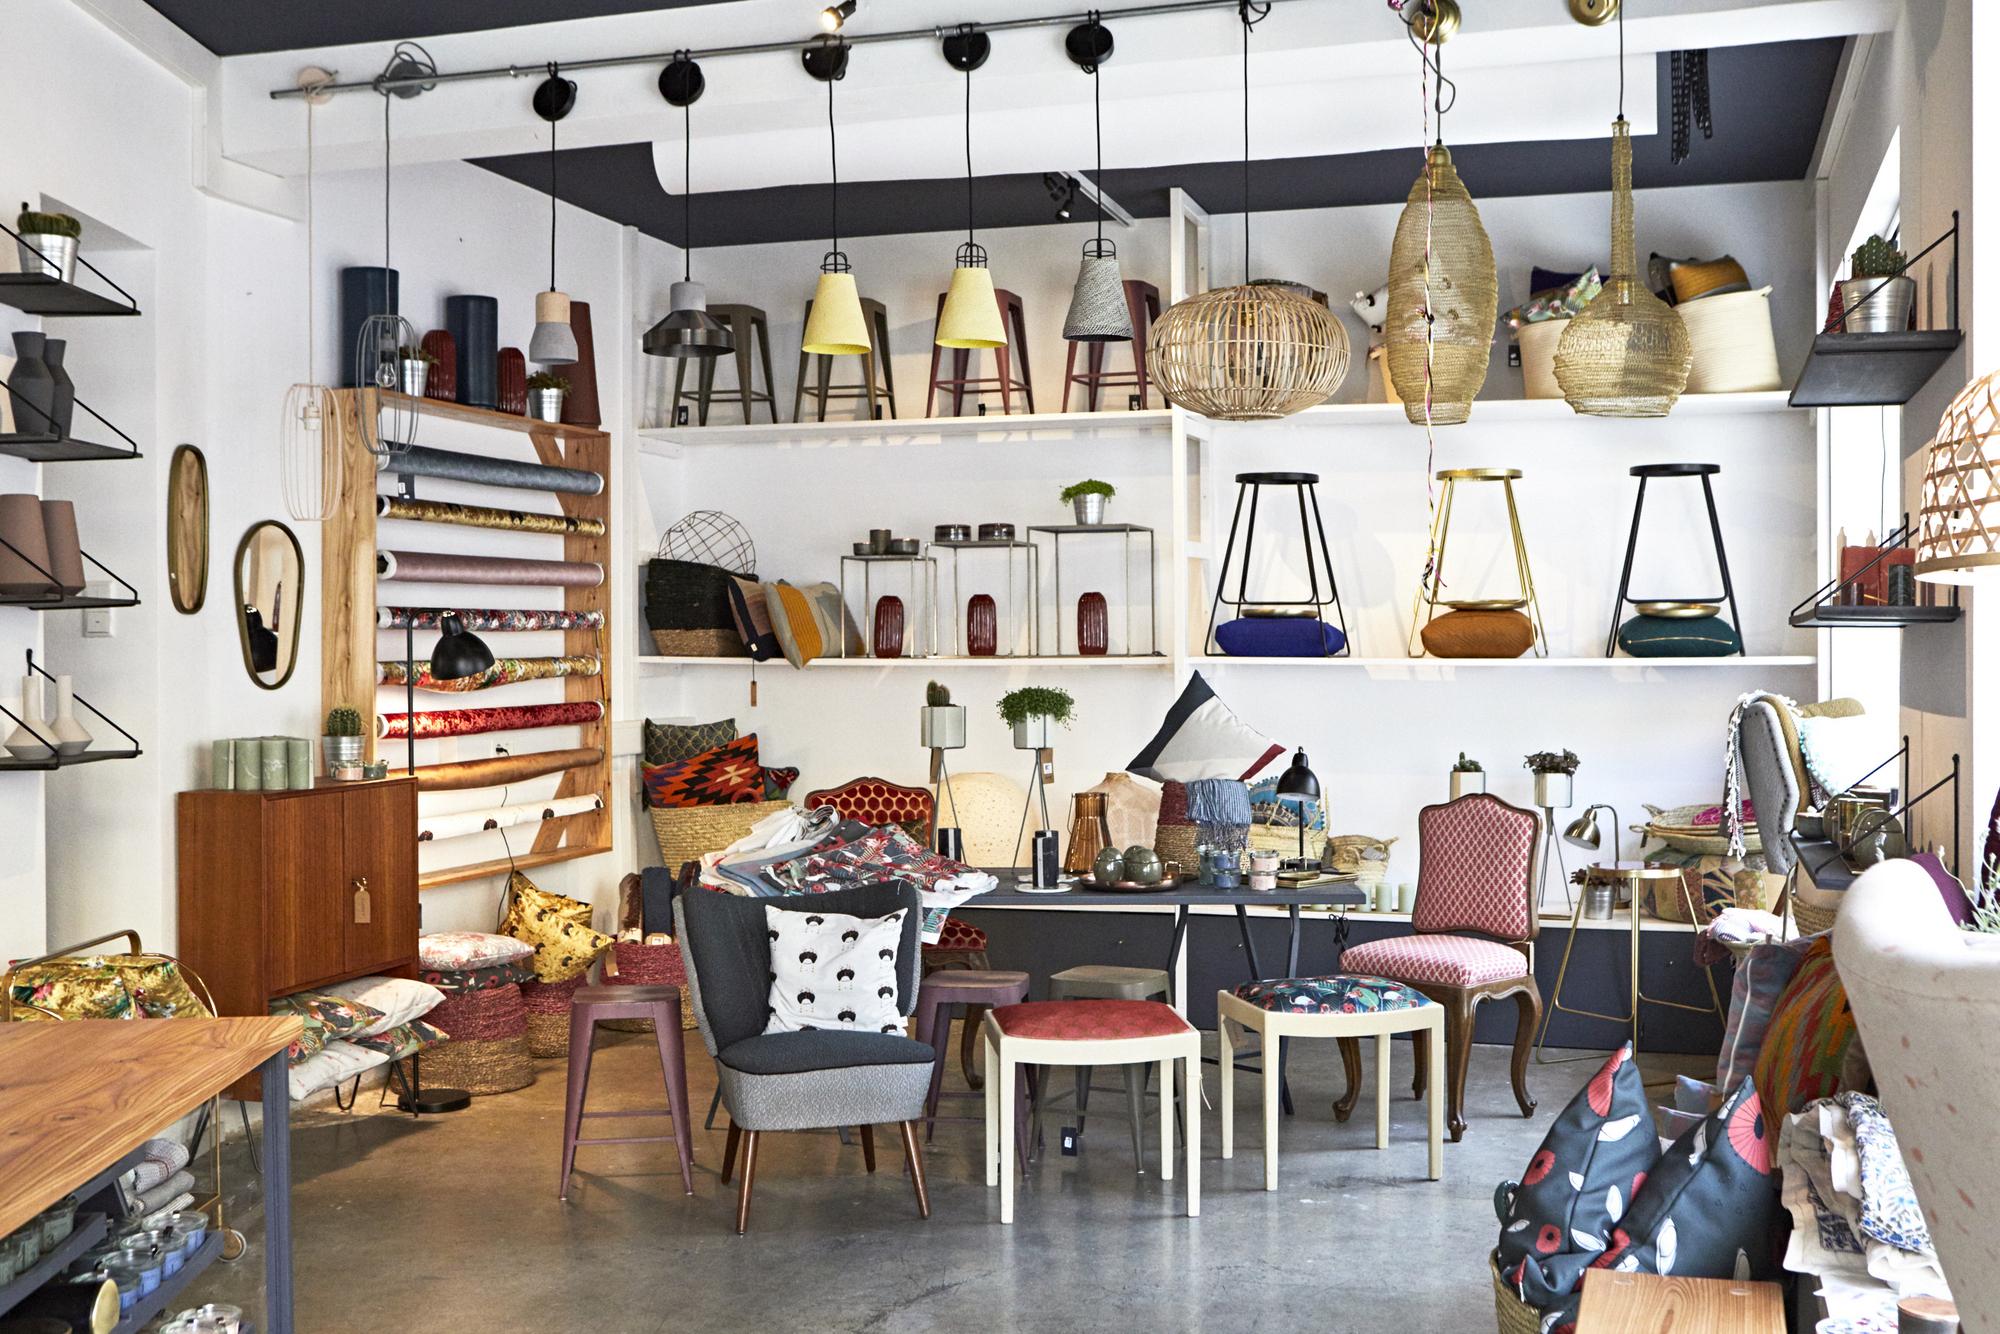 Vindue: Das Westend hat einen neuen, wunderschönen Interior-Shop ...